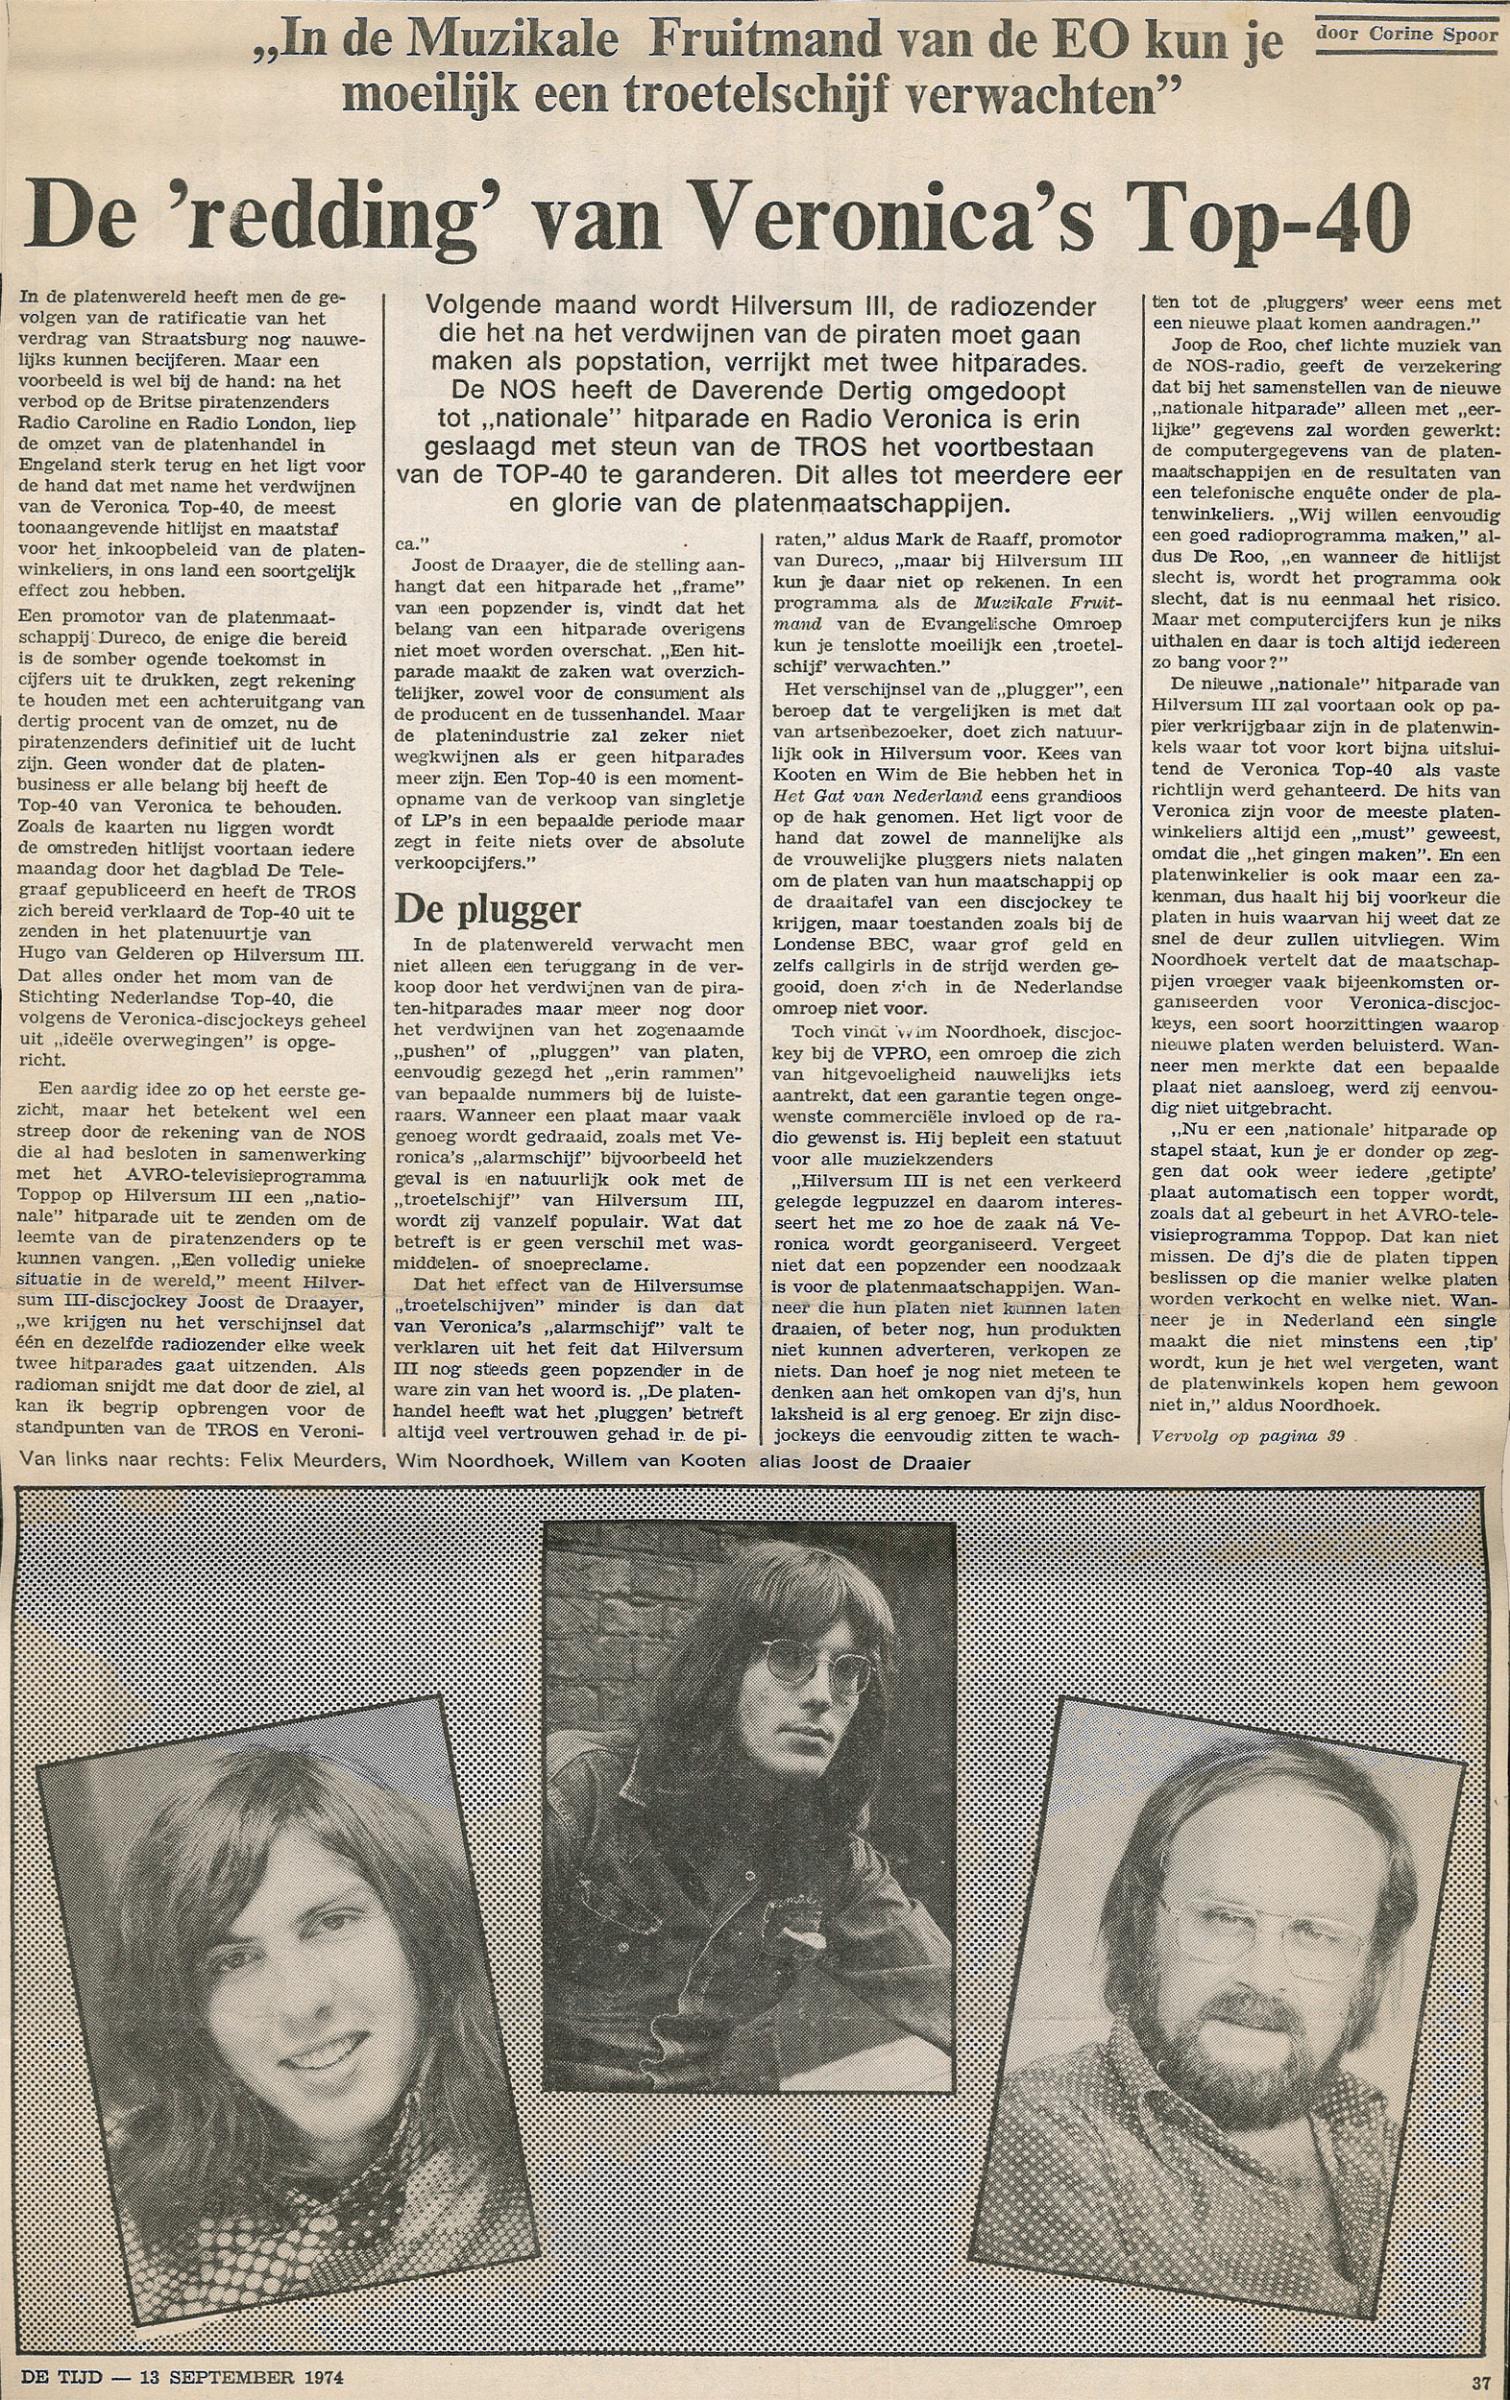 19740913 De Tijd De redding van de Veronica Top 40.jpg